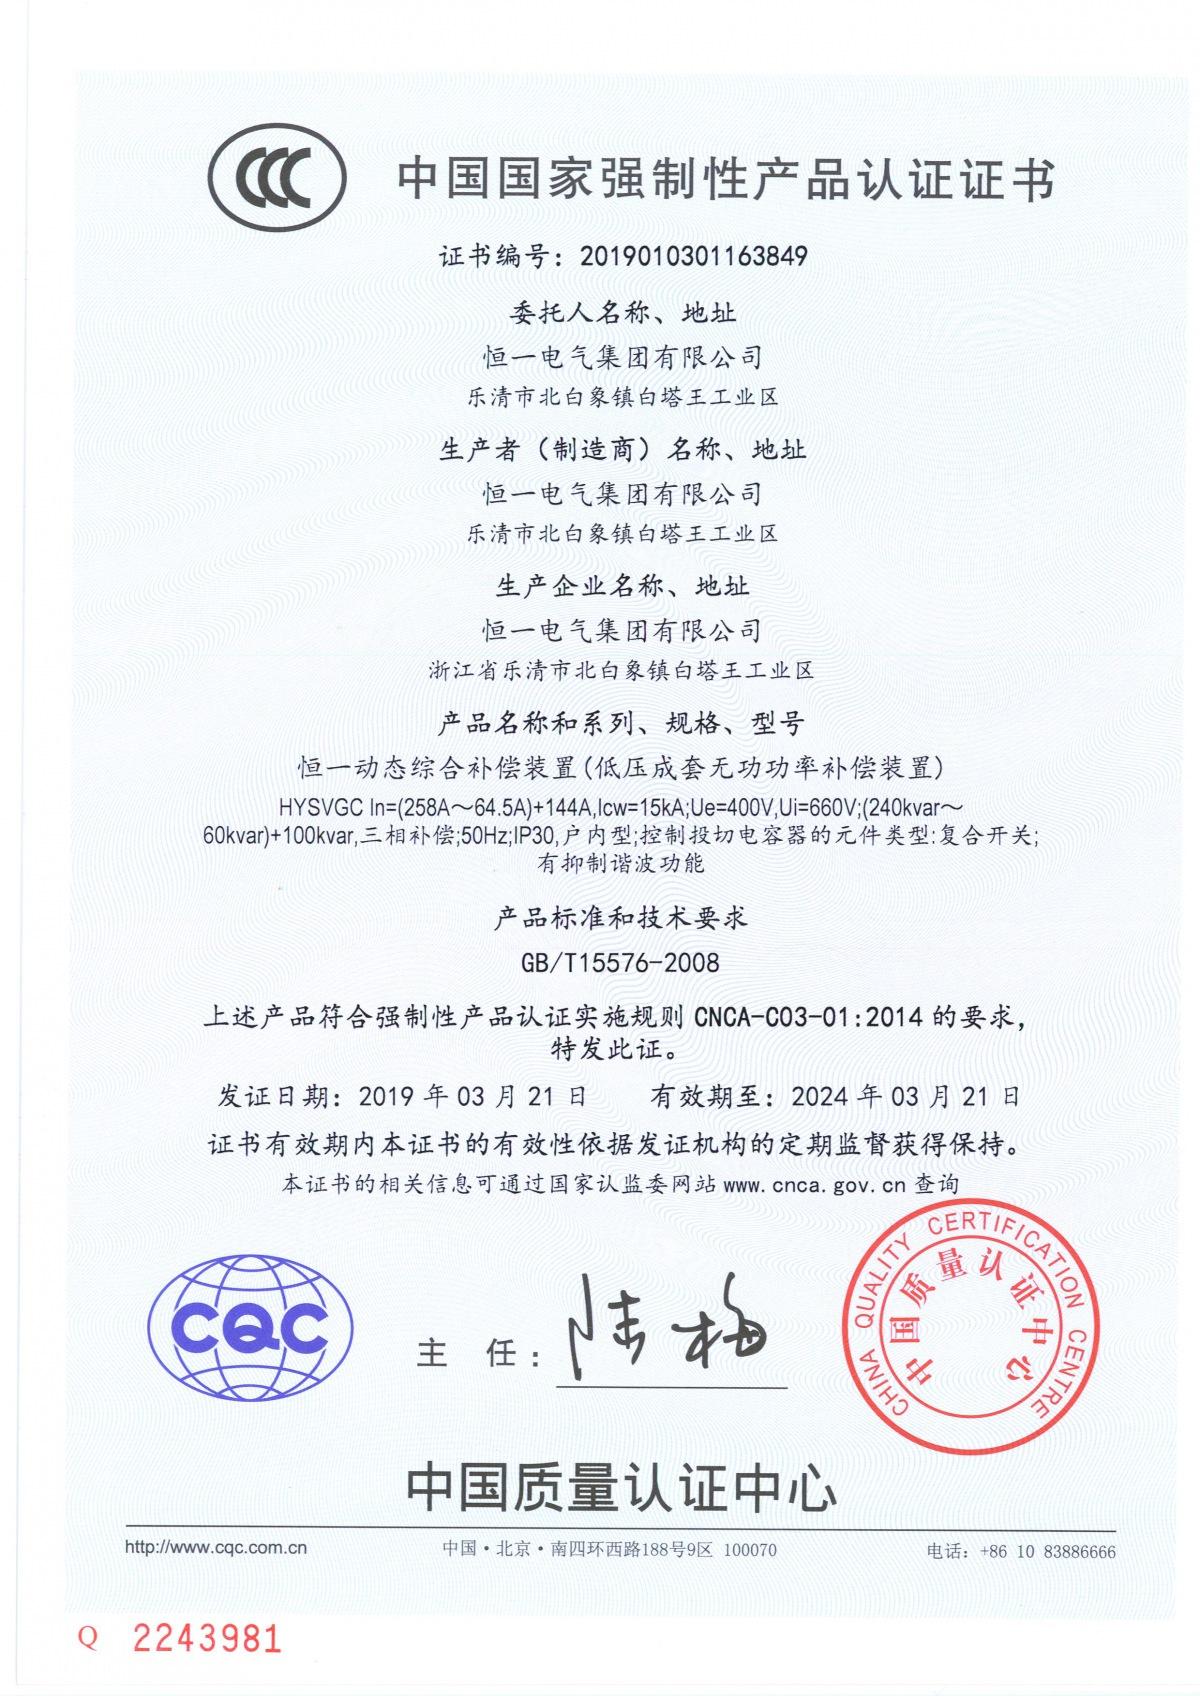 HYSVGC 中文